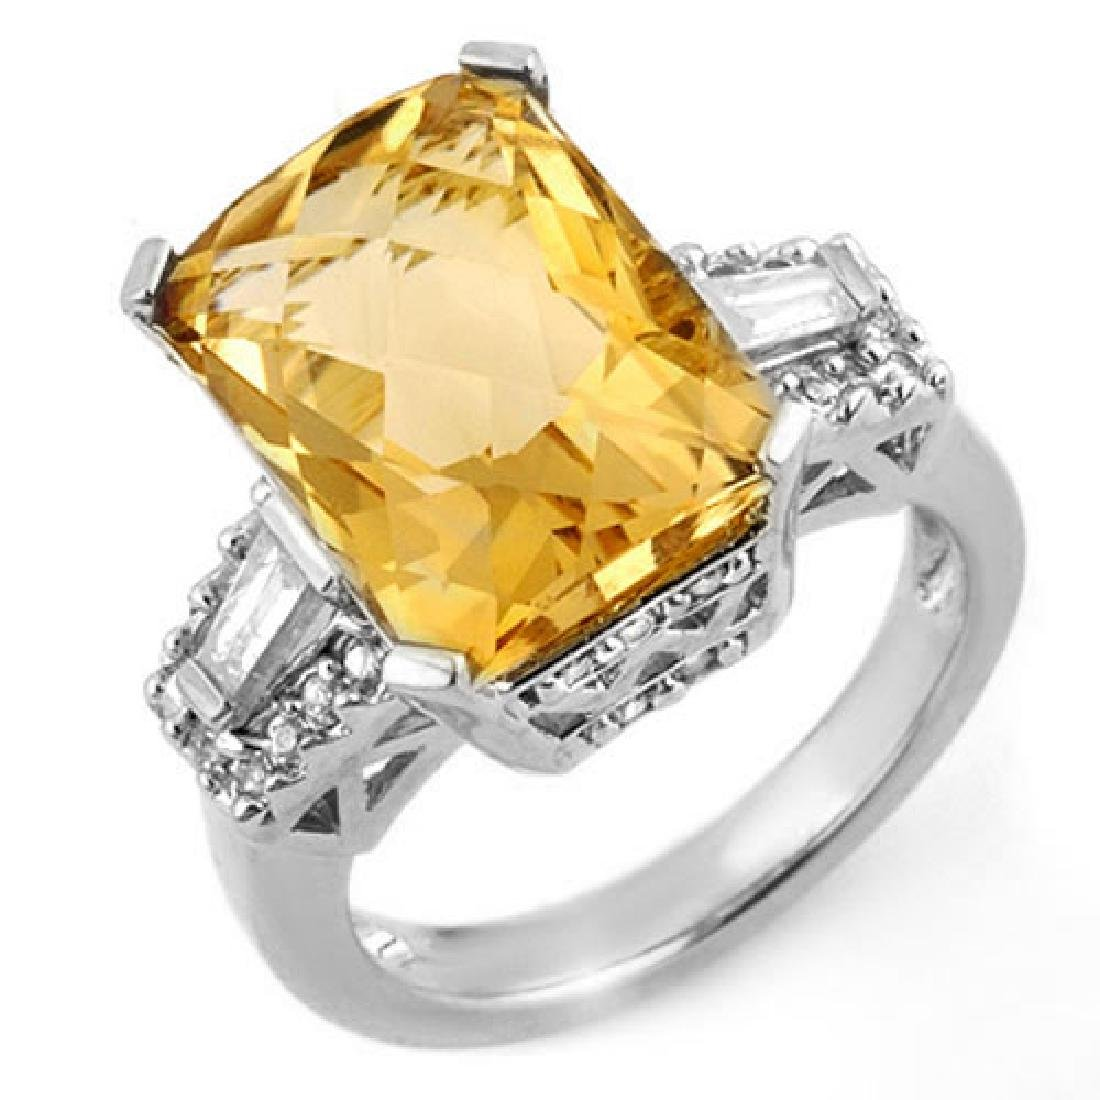 9.55 CTW Citrine & Diamond Ring 14K White Gold